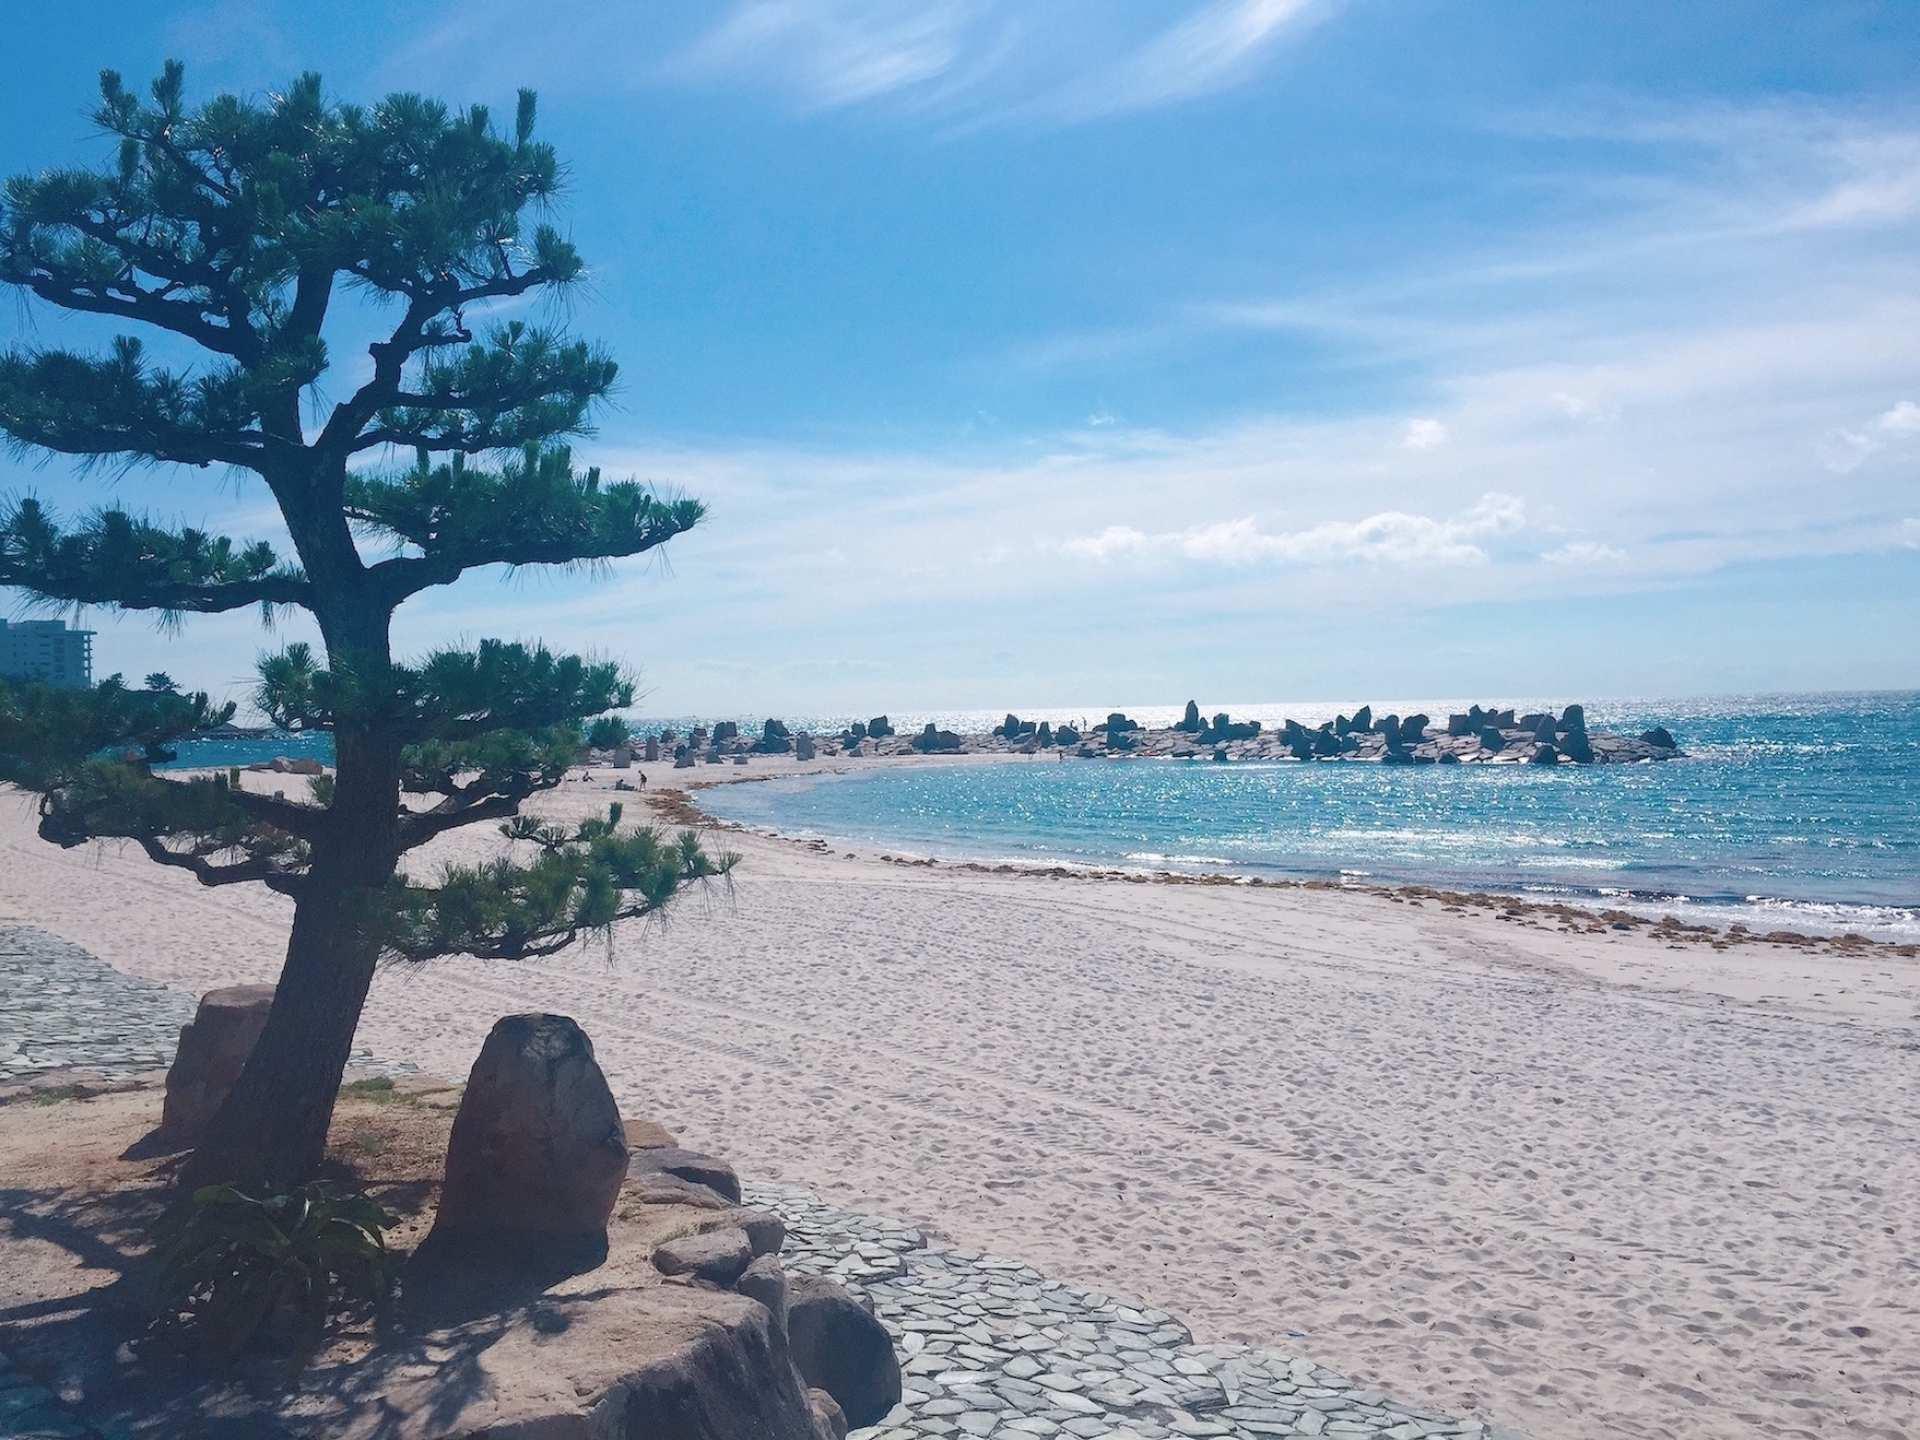 和歌山日帰りツアー|紀三井寺・とれとれ市場・橋杭岩・白浜海岸|大阪出発